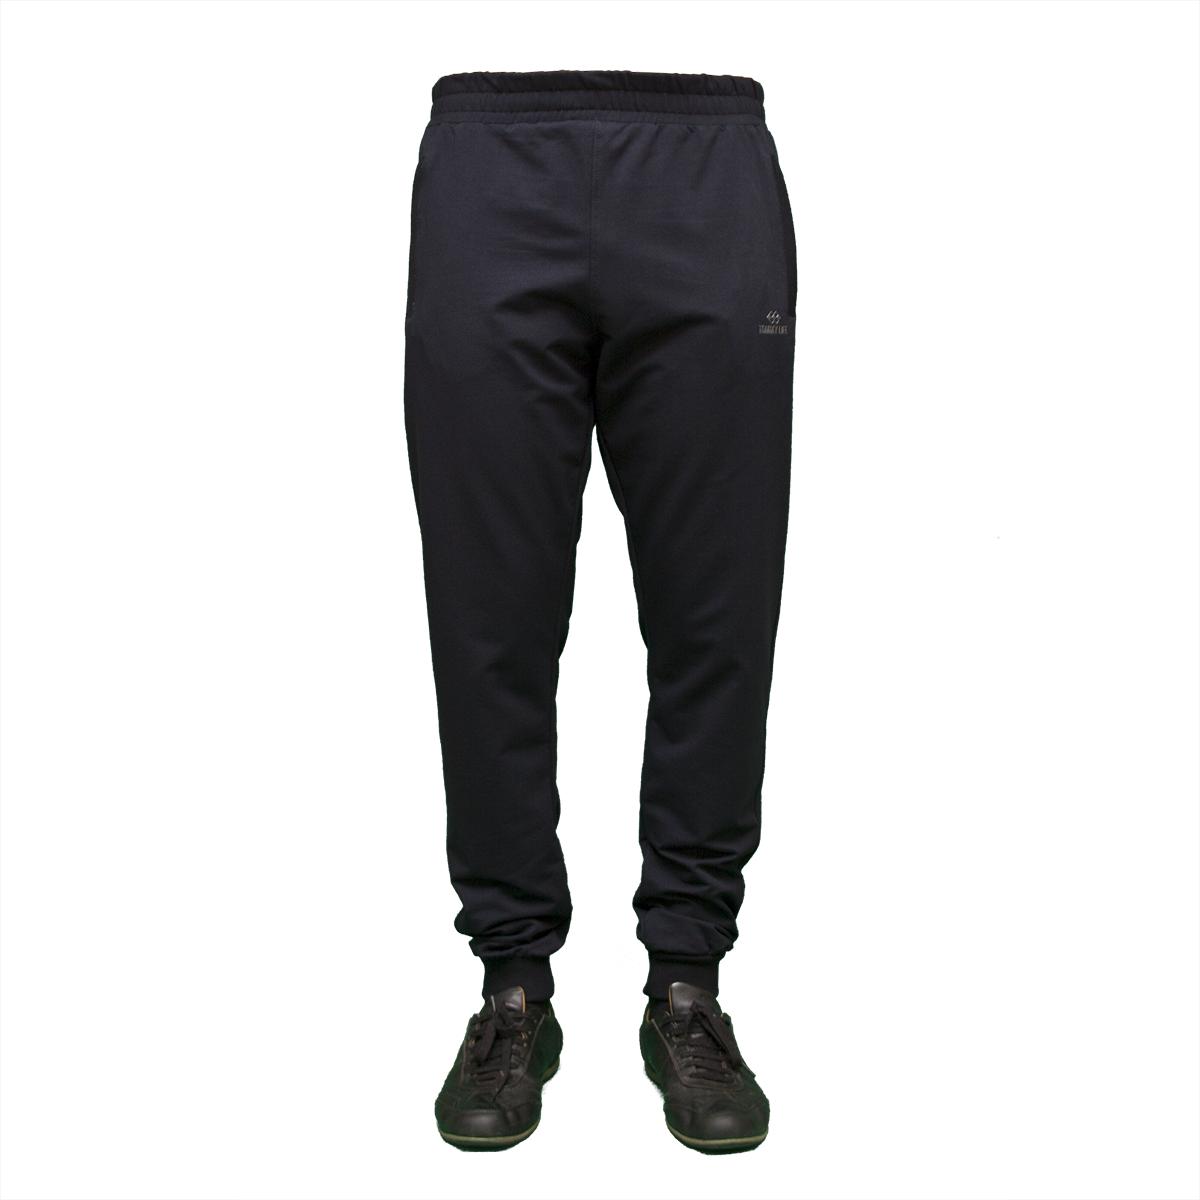 Спортивные штаны турецкие под манжет TOMMY LIFE фабрика 84343